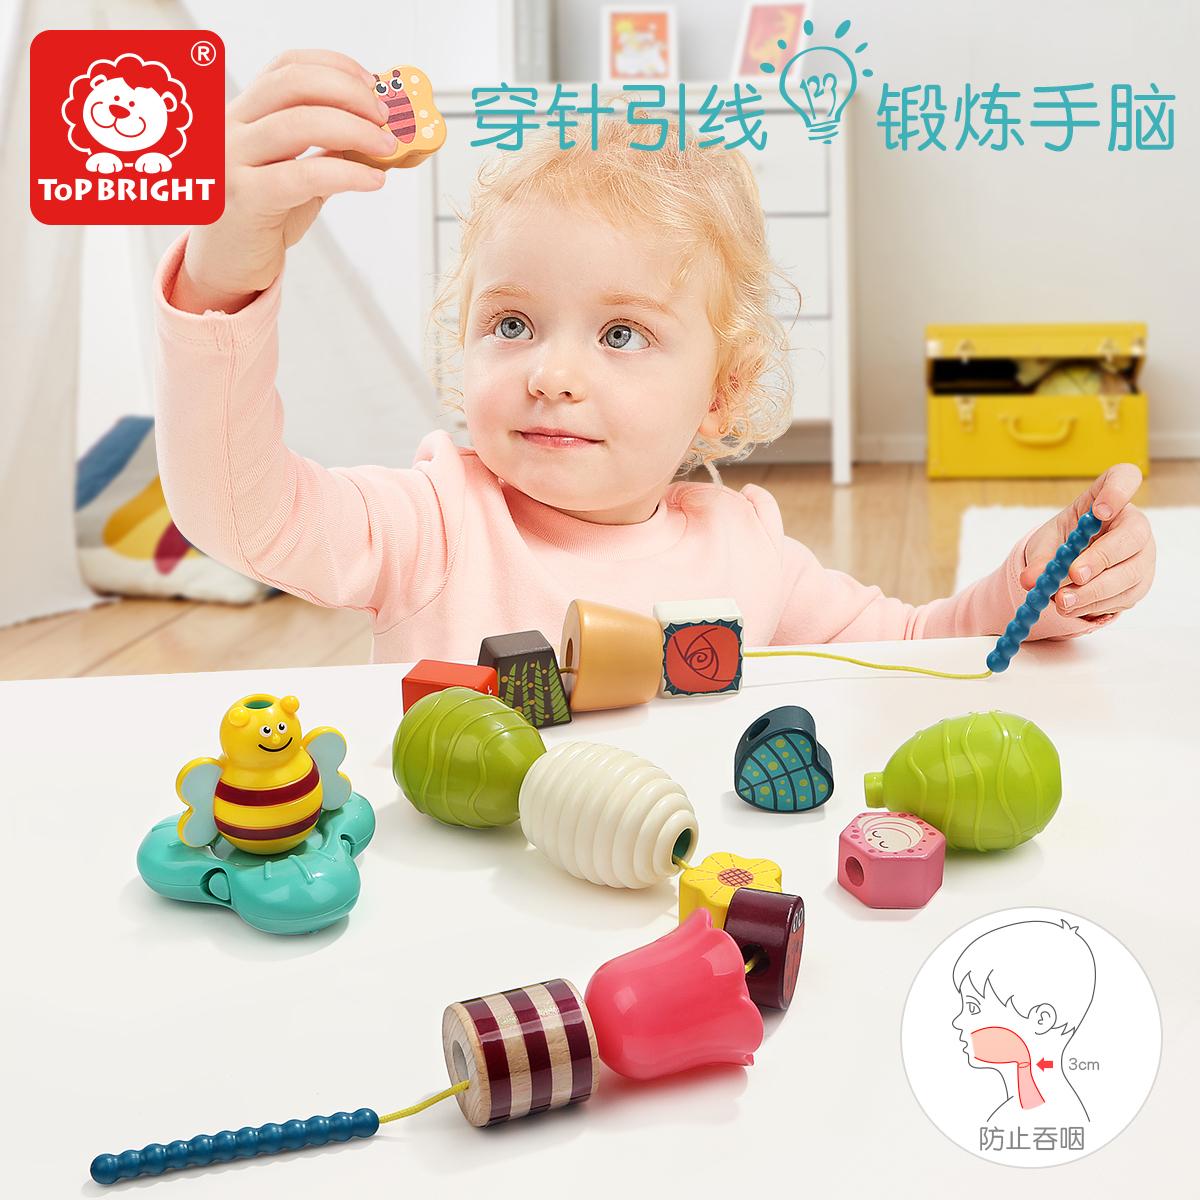 Игрушки на колесиках / Детские автомобили / Развивающие игрушки Артикул 601944188785